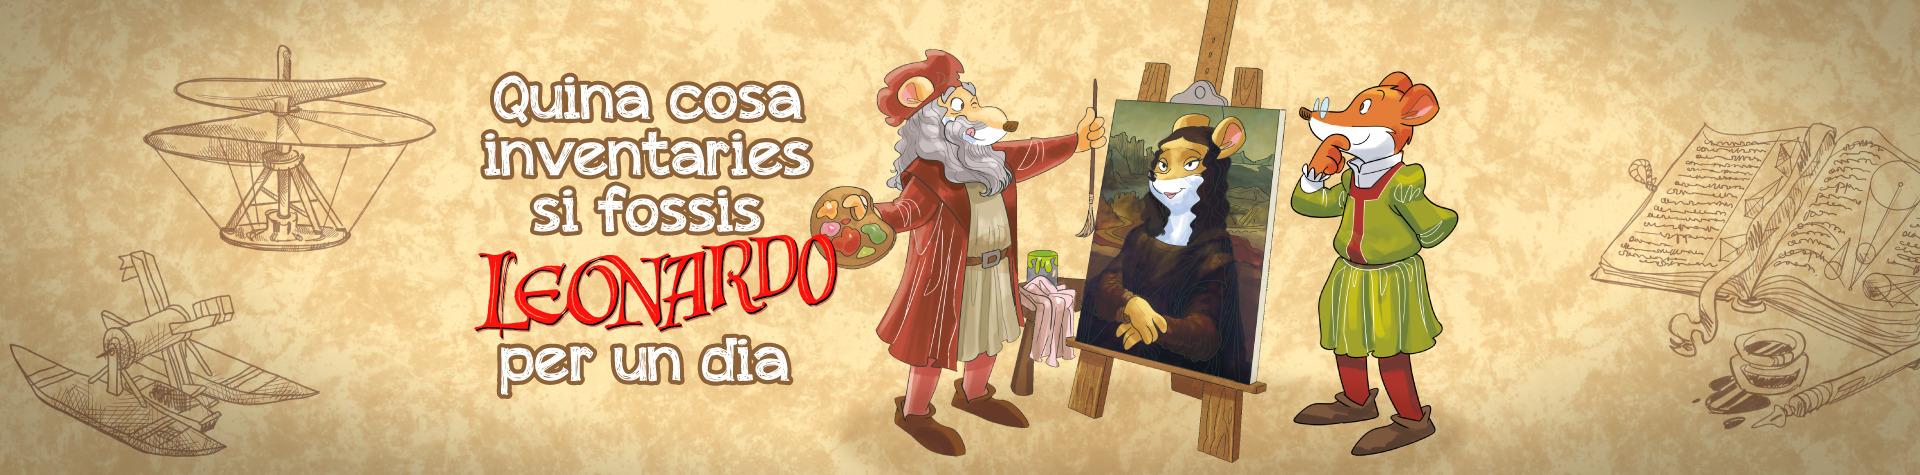 Sigues Leonardo da Vinci per un dia